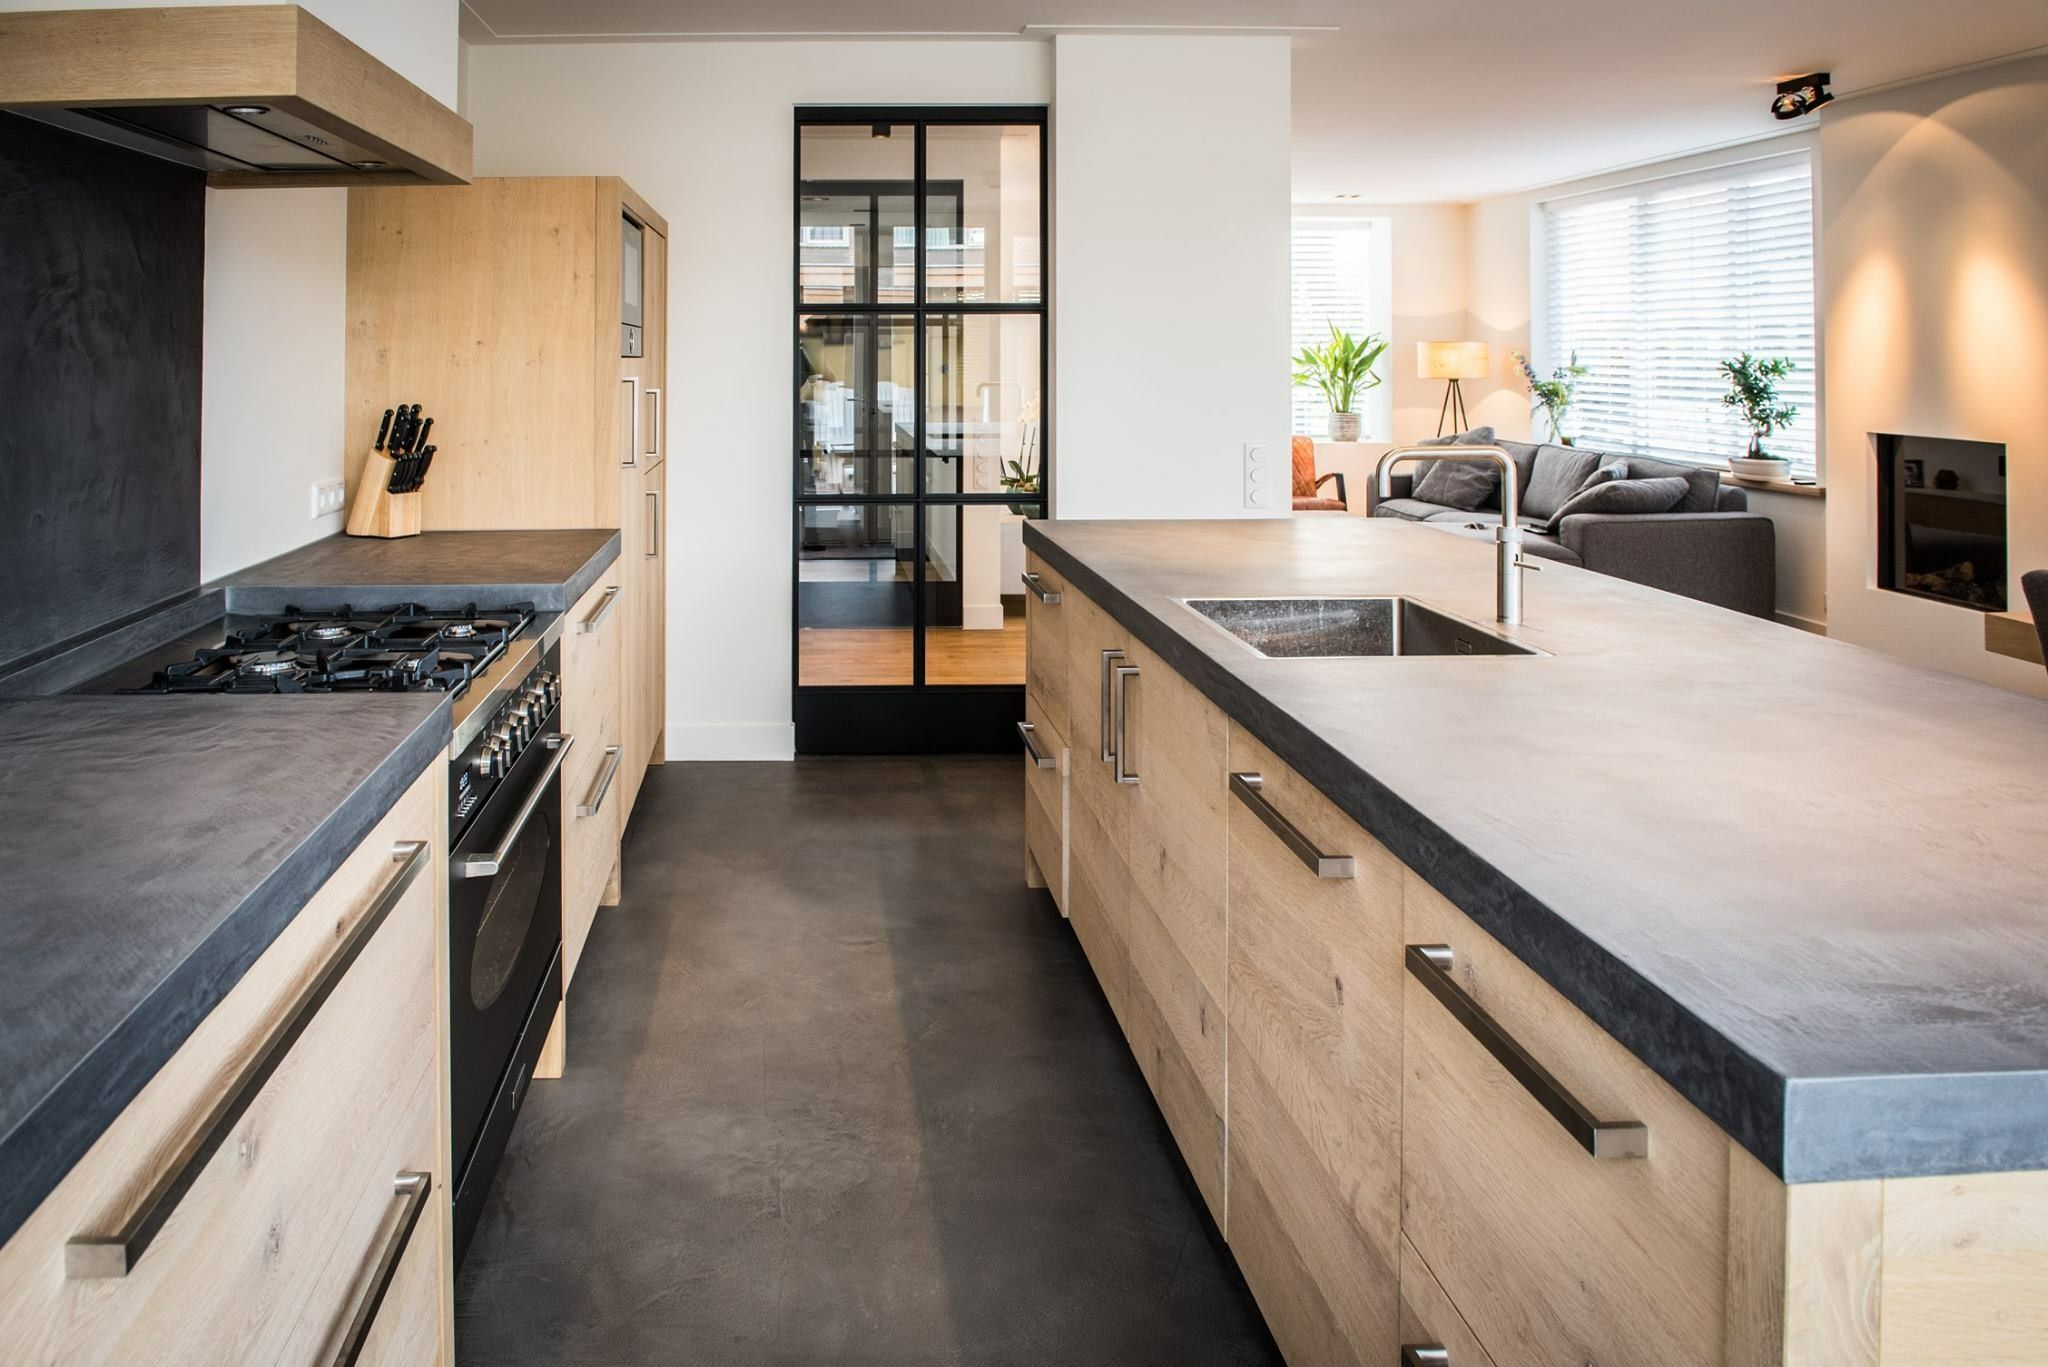 Epingle Par Monnie Sur Architecture En 2020 Cuisine Moderne Cuisines Maison Amenagement Cuisine